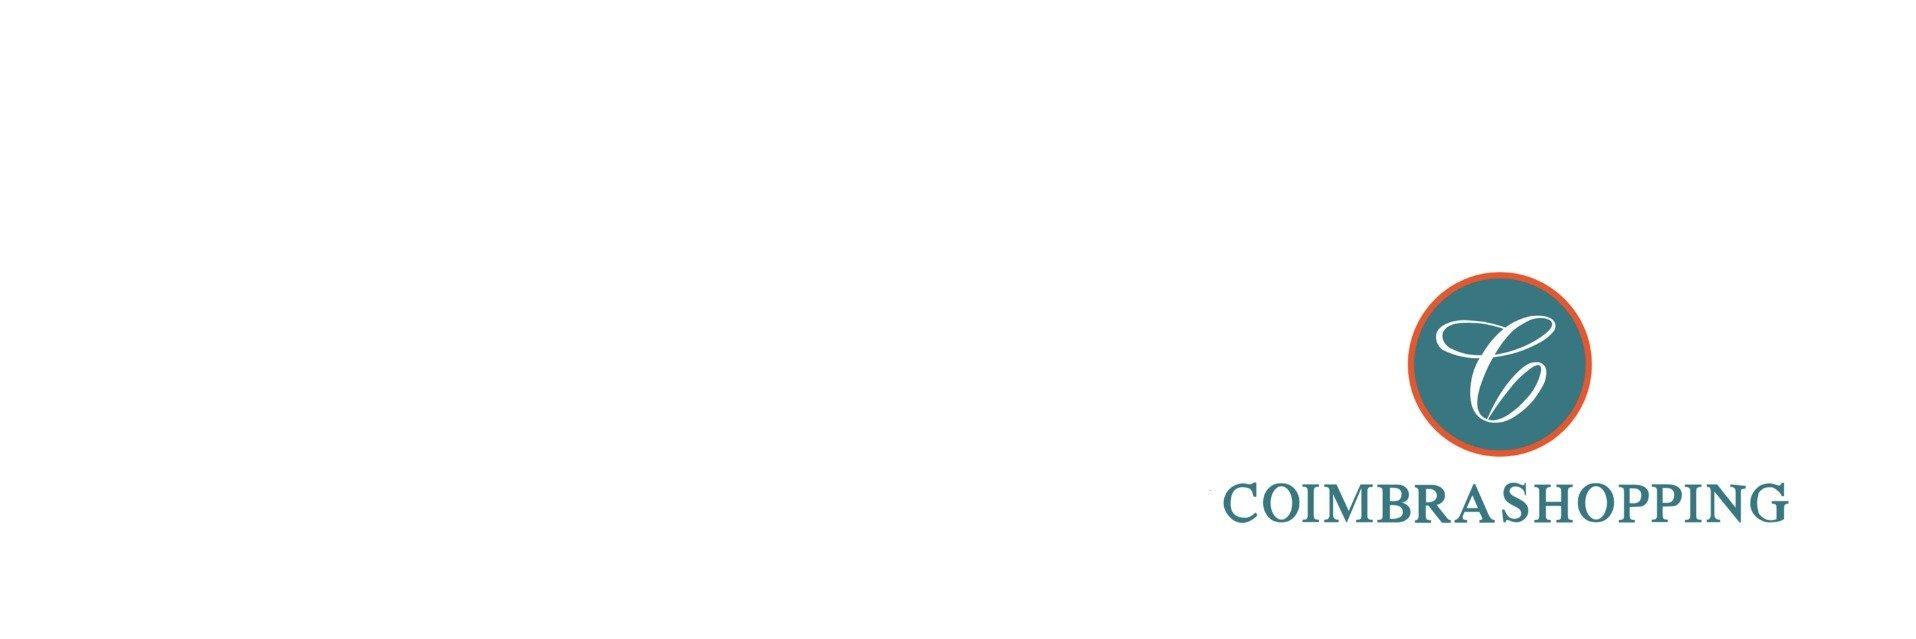 CoimbraShopping patrocina próximo Concerto da Academia de Música de Coimbra